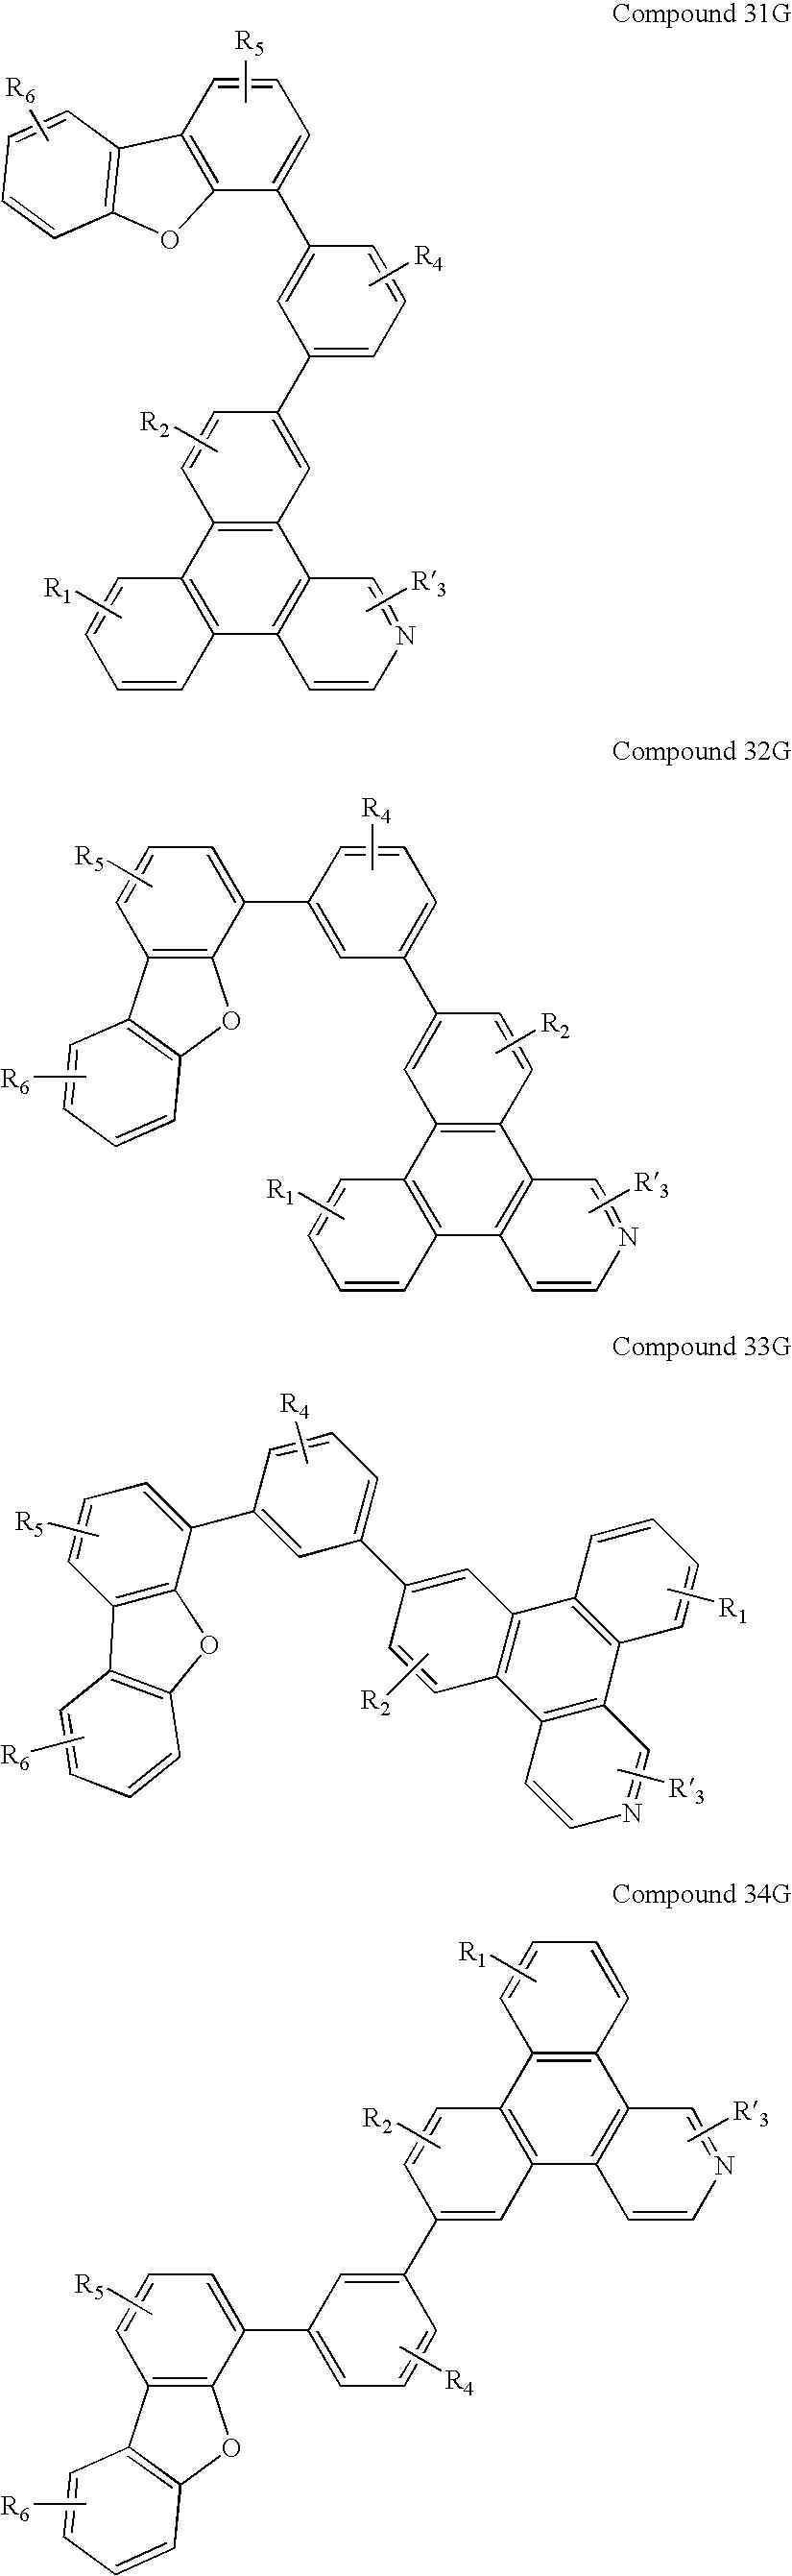 Figure US20100289406A1-20101118-C00189